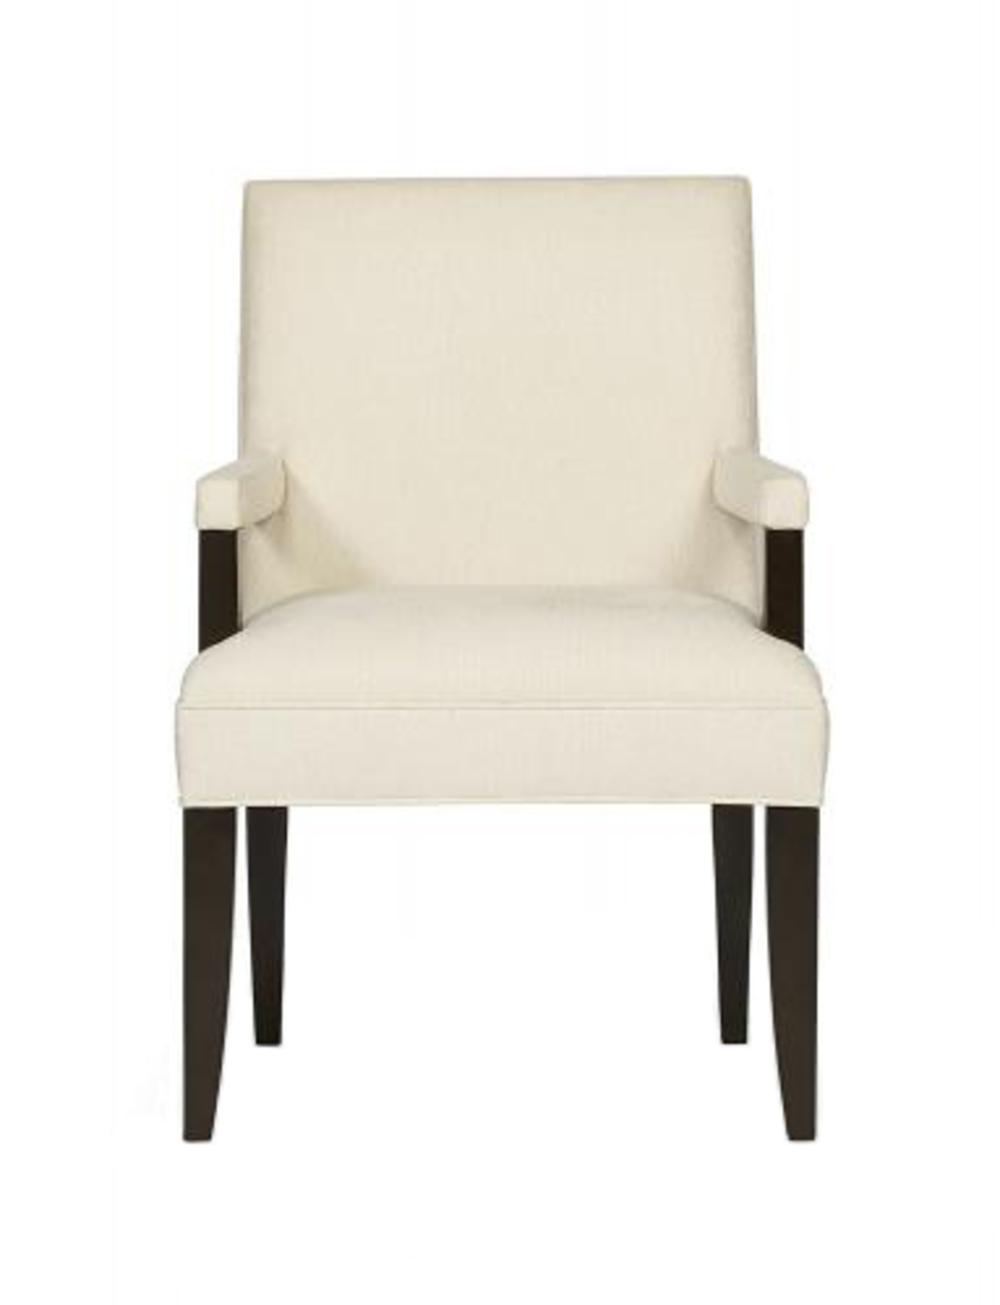 Bernhardt - Arm Chair